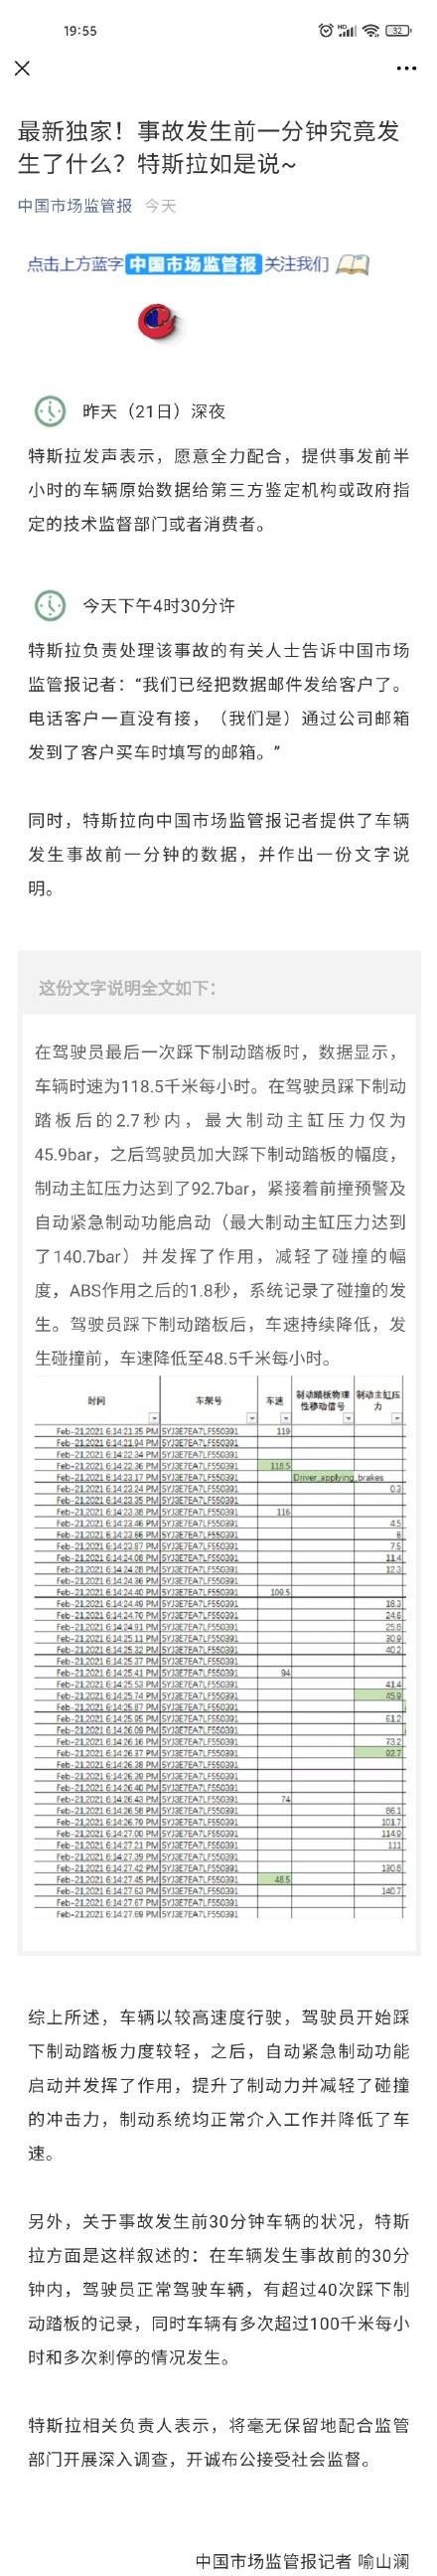 《中國市場監管報》4月22日公佈了特斯拉涉事車主的行車數據和特斯拉的文字說明。(微博截圖)